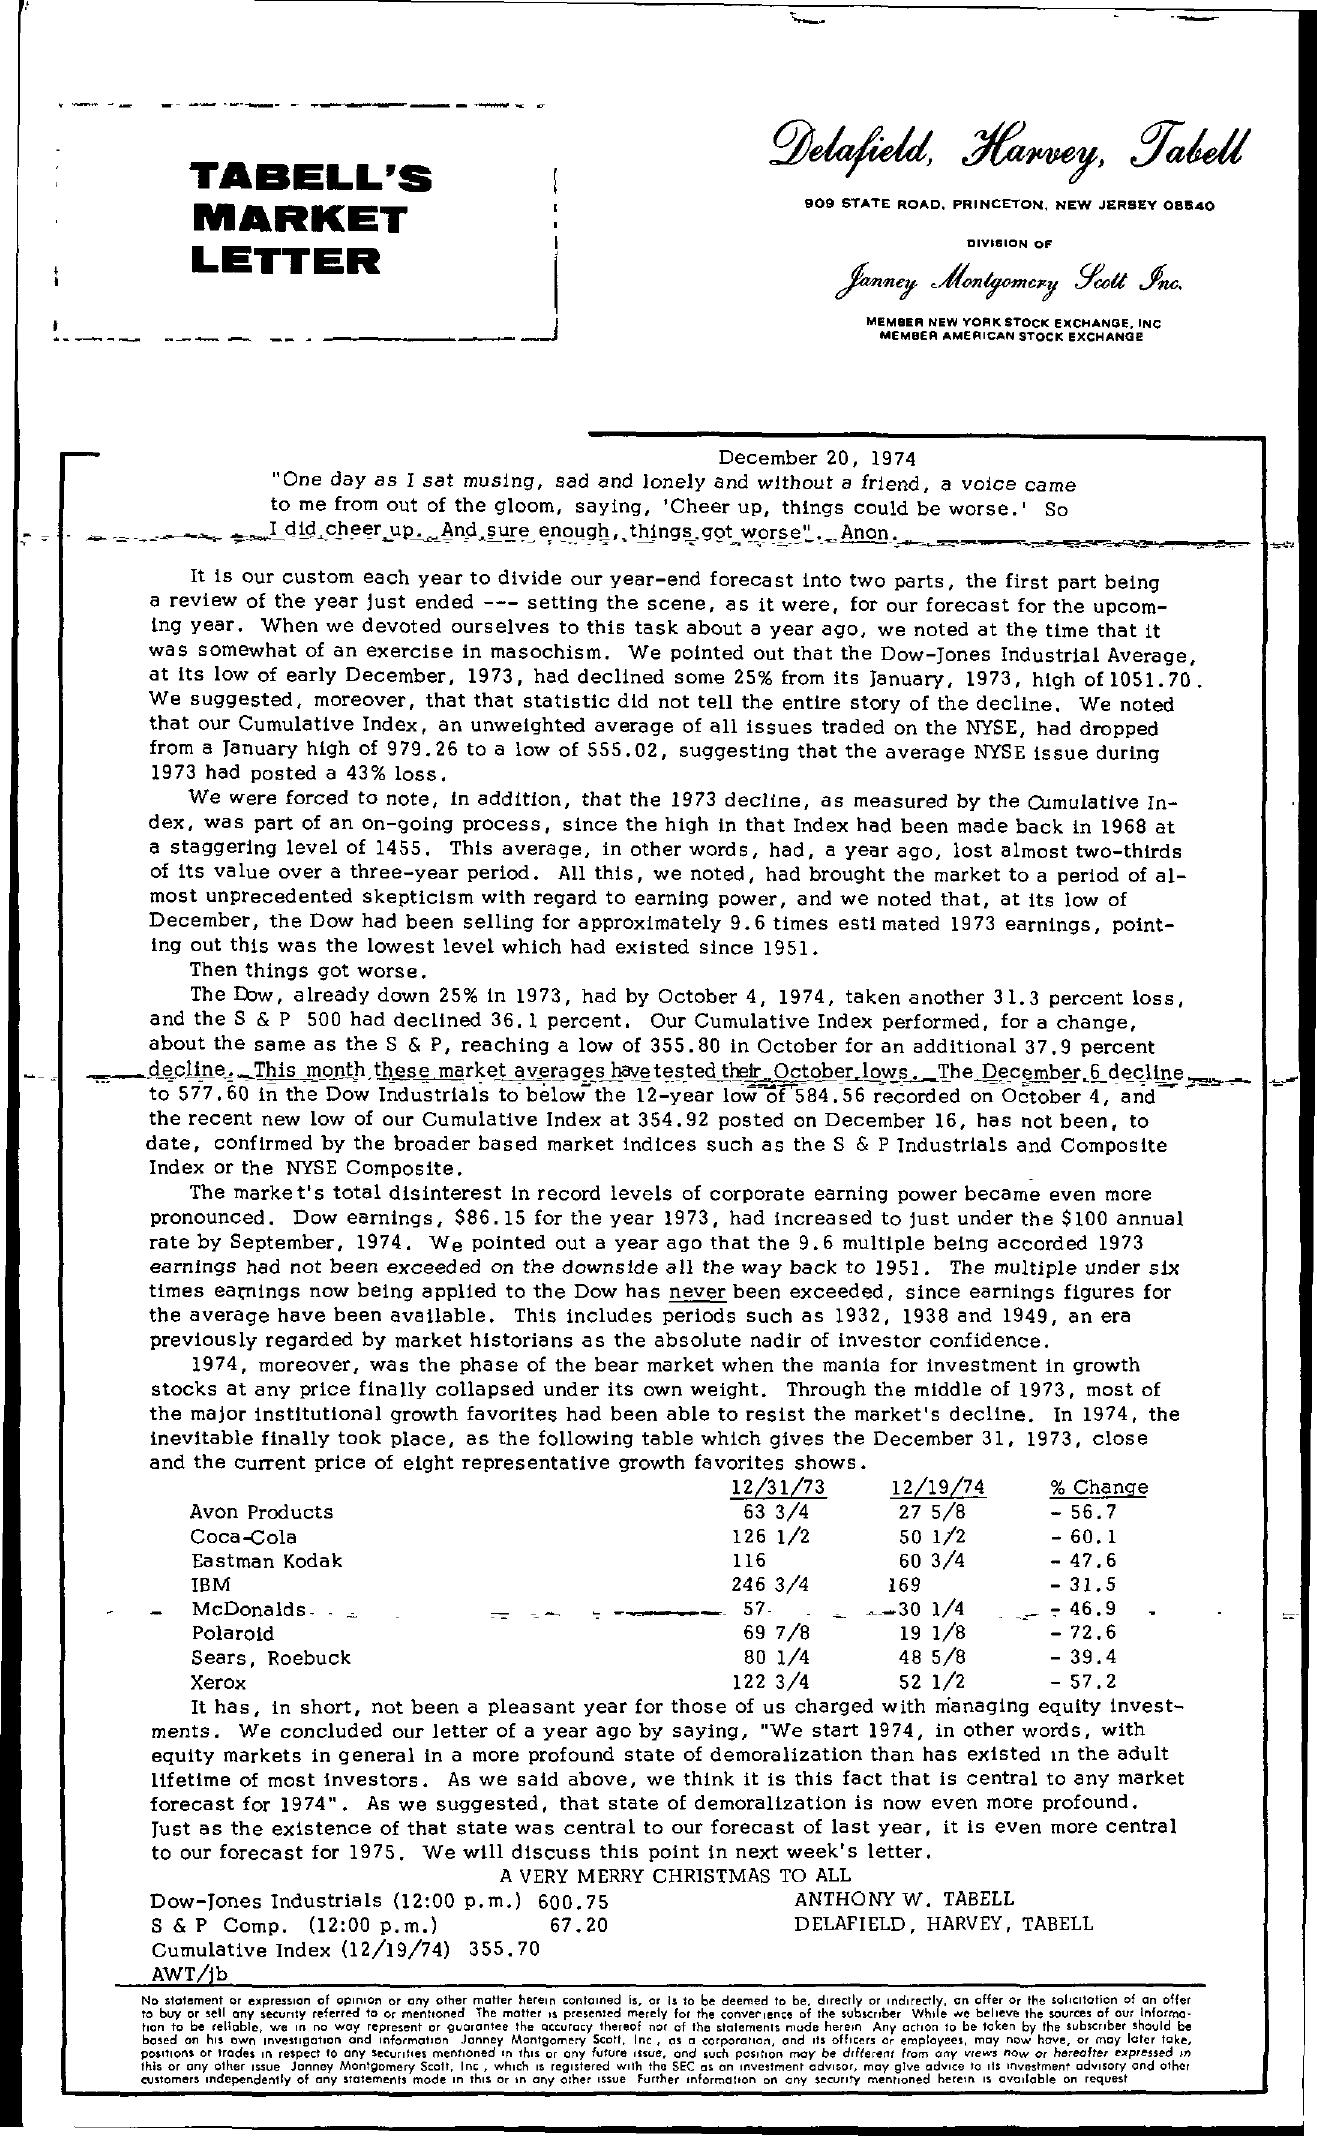 Tabell's Market Letter - December 20, 1974